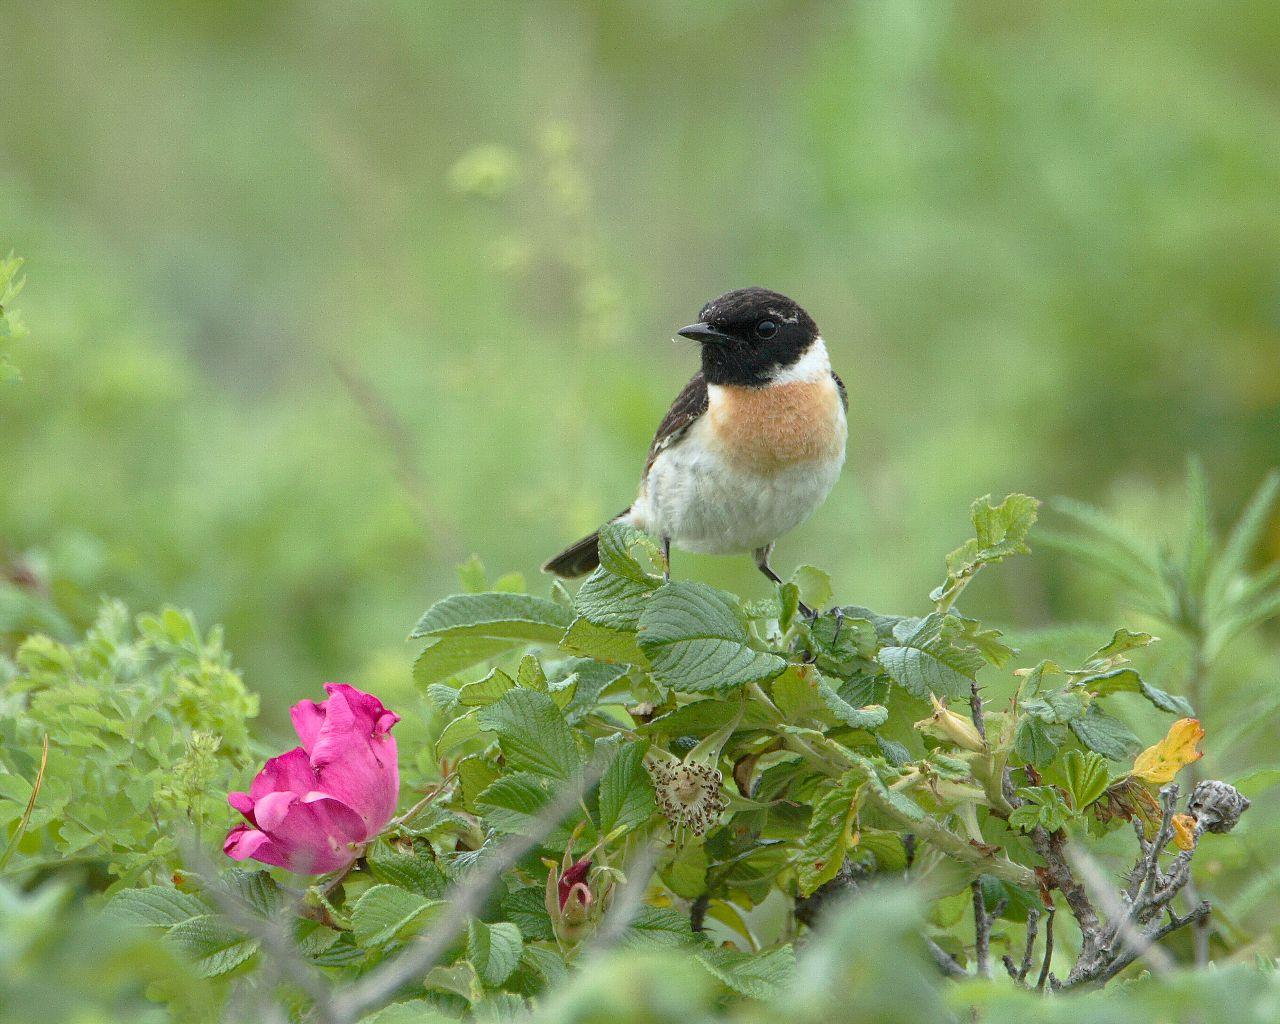 原生花園の野鳥達その2_f0105570_21364466.jpg